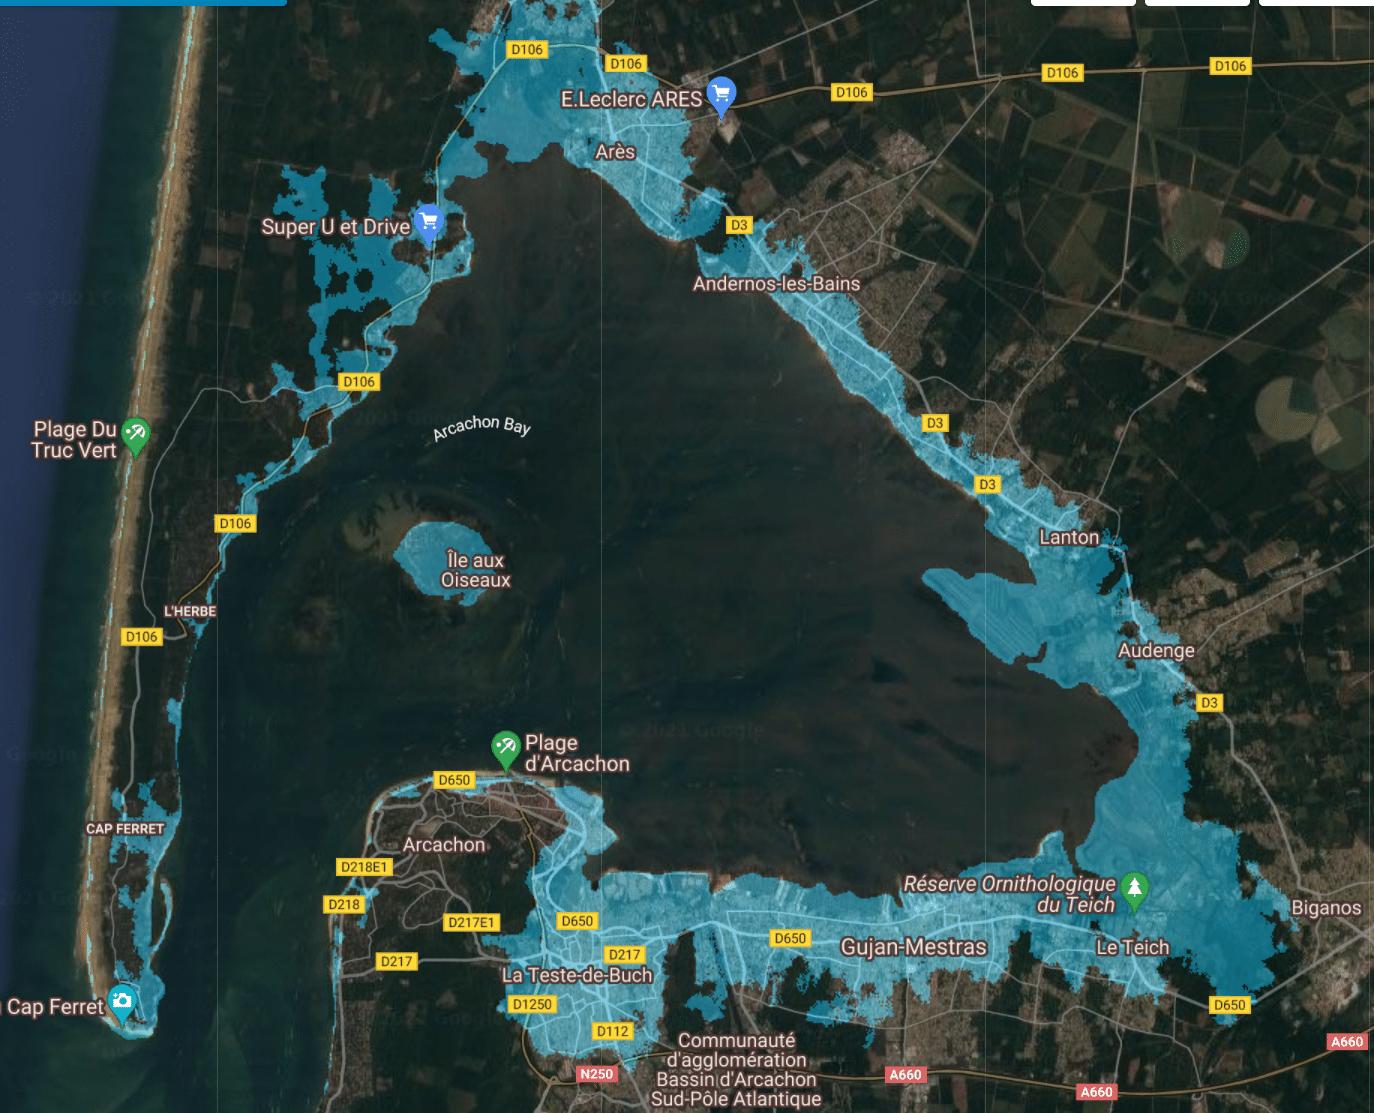 montée niveau de la mer france bassin arcachon 3